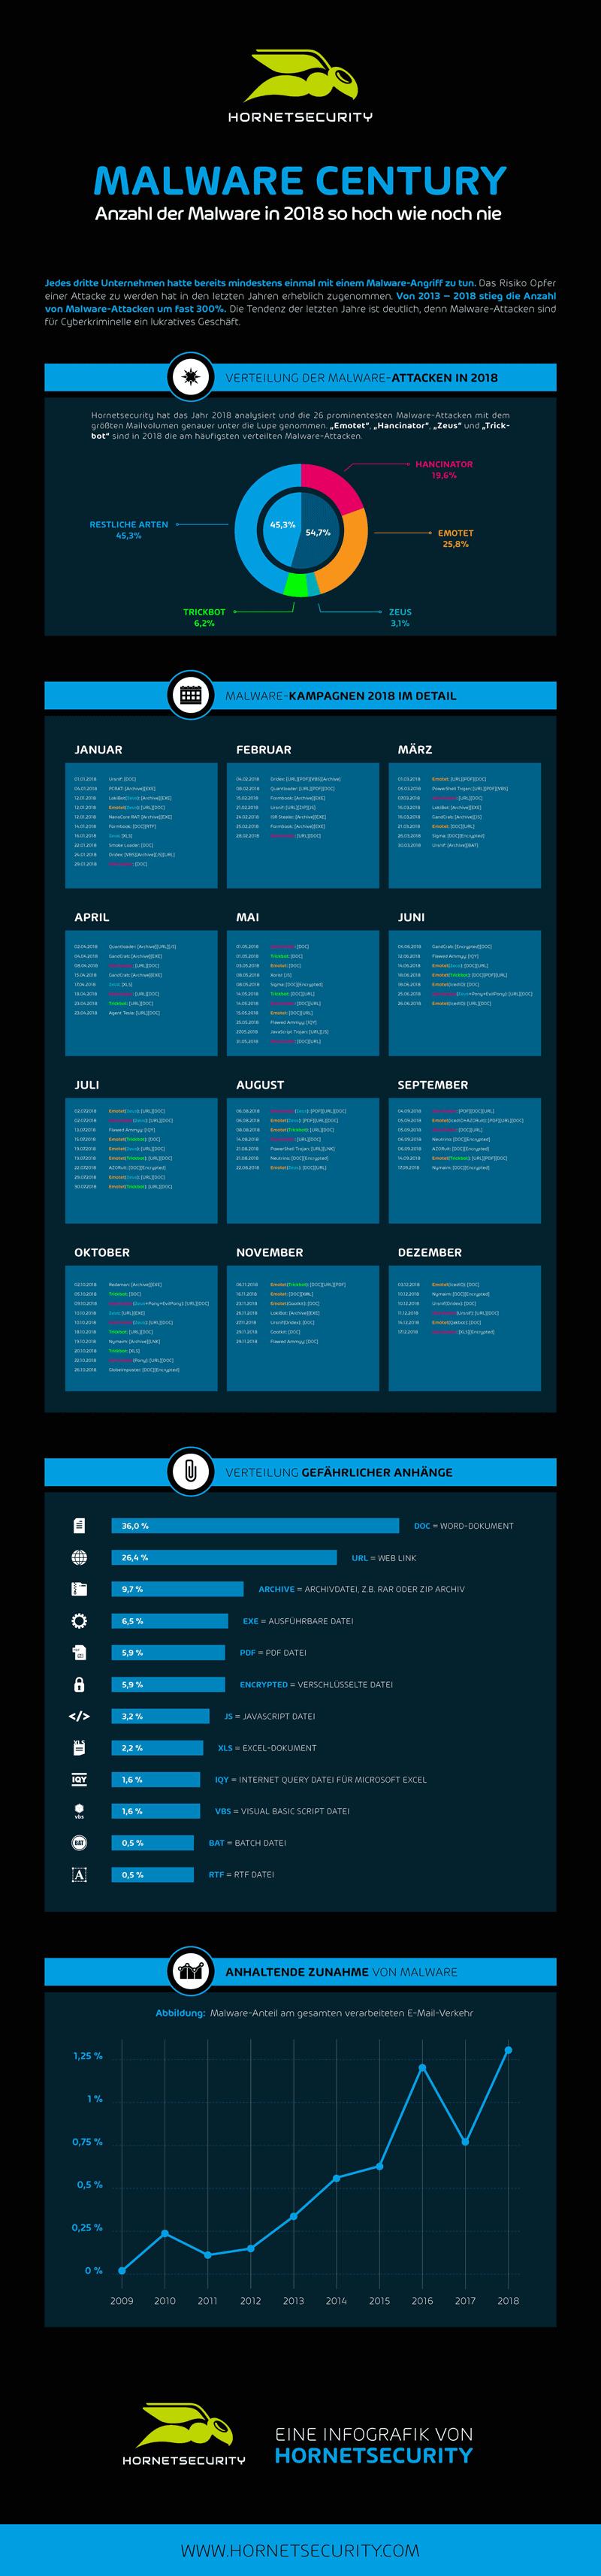 Malware Entwicklung 2018 - Infografik von Hornetsecurity